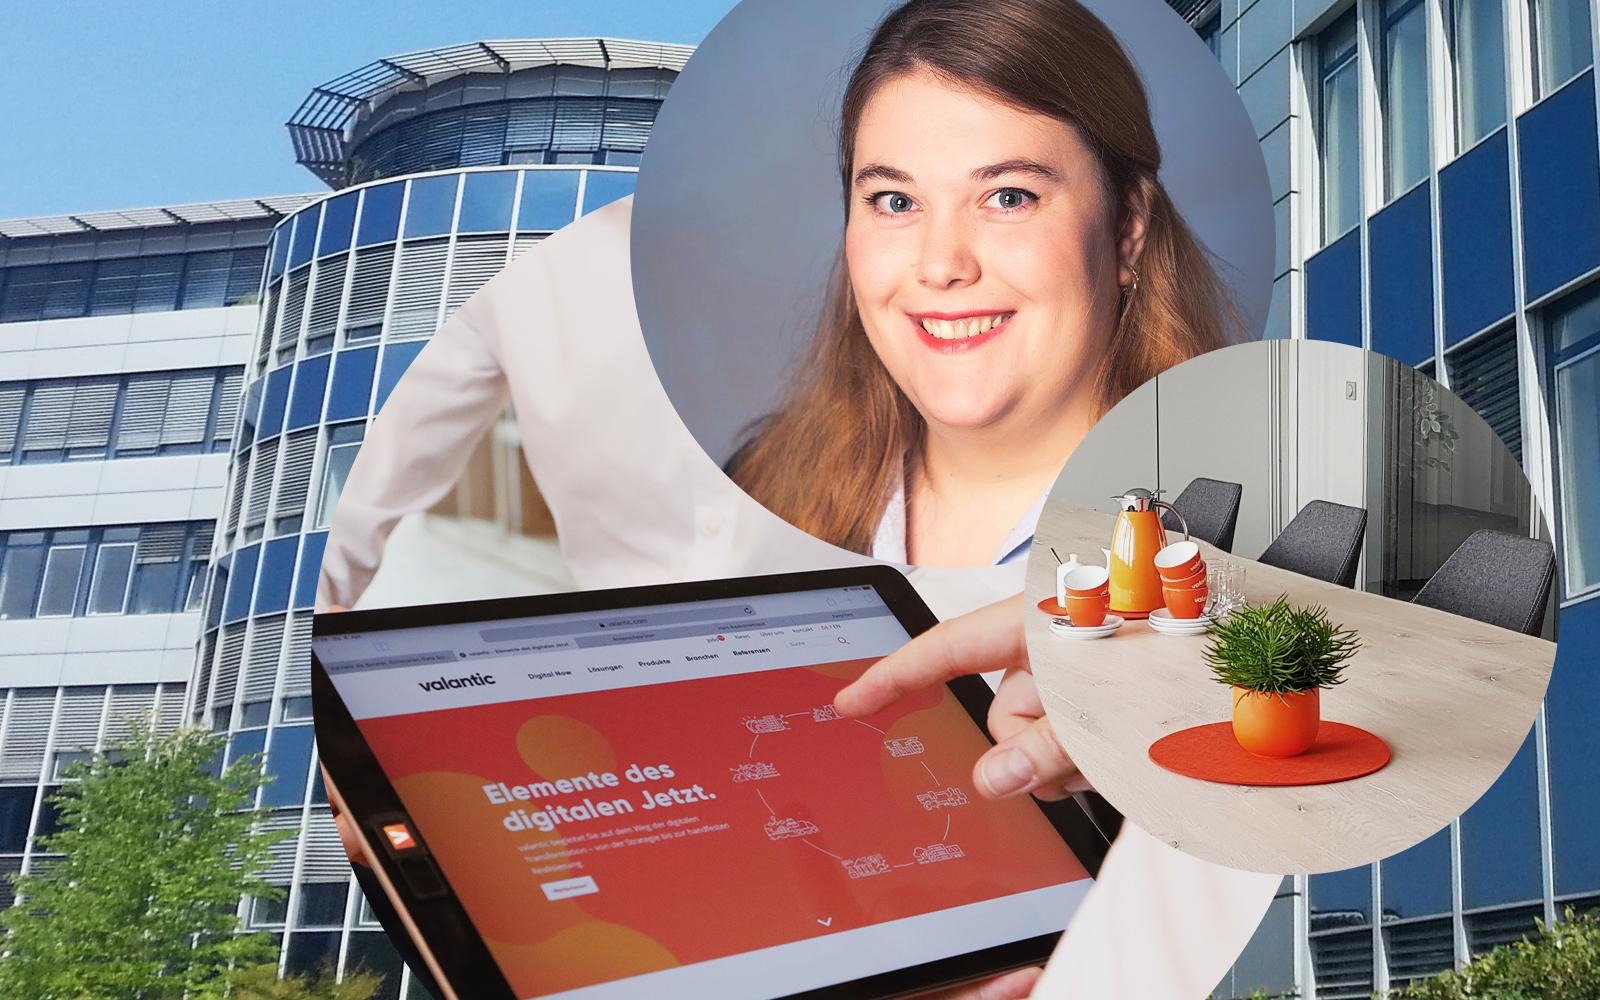 Bild von Corinna Sahan, Junior Consultant SAP QM bei valantic Enterprise Resource Planning, im Hintergrund das Bürogebäude von valantic in Langenfeld sowie ein Tablet mit der valantic Homepage und ein Konferenzraum